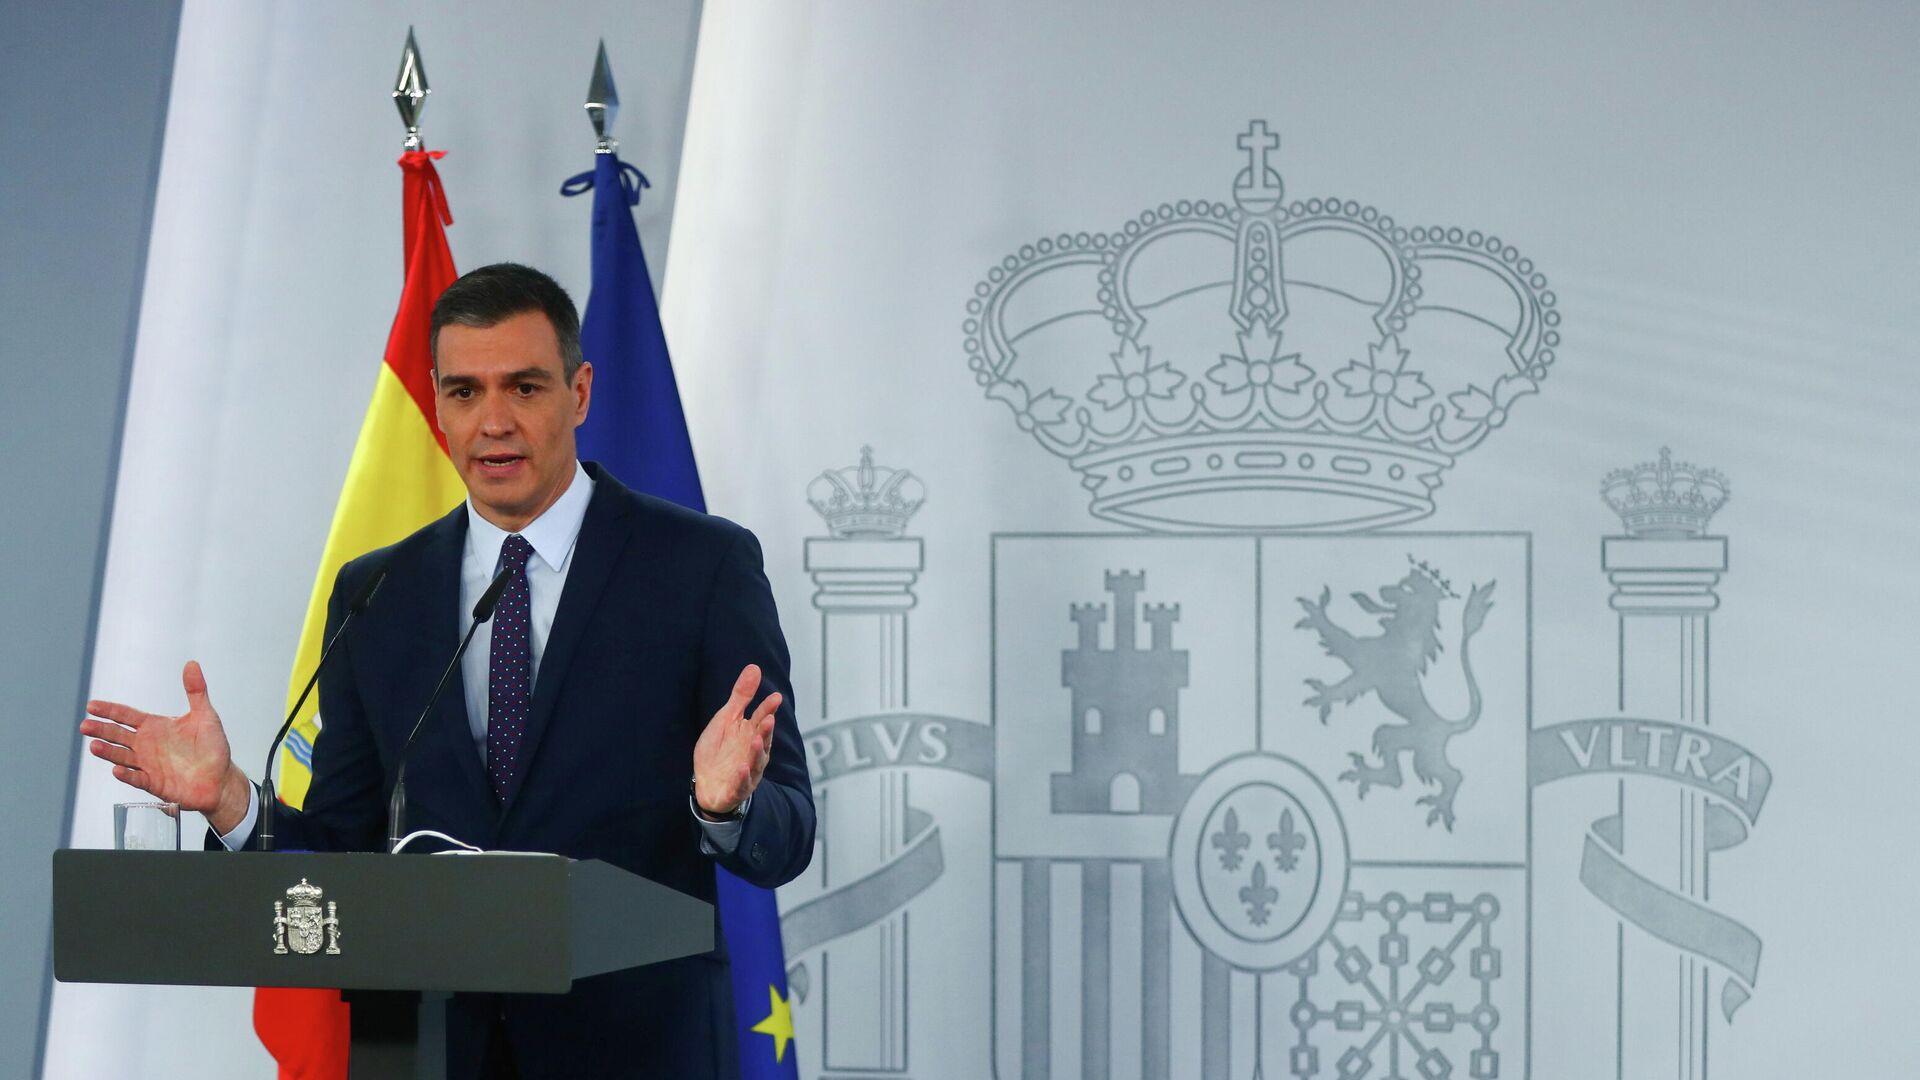 Pedro Sánchez, el presidente del Gobierno de España - Sputnik Mundo, 1920, 13.04.2021